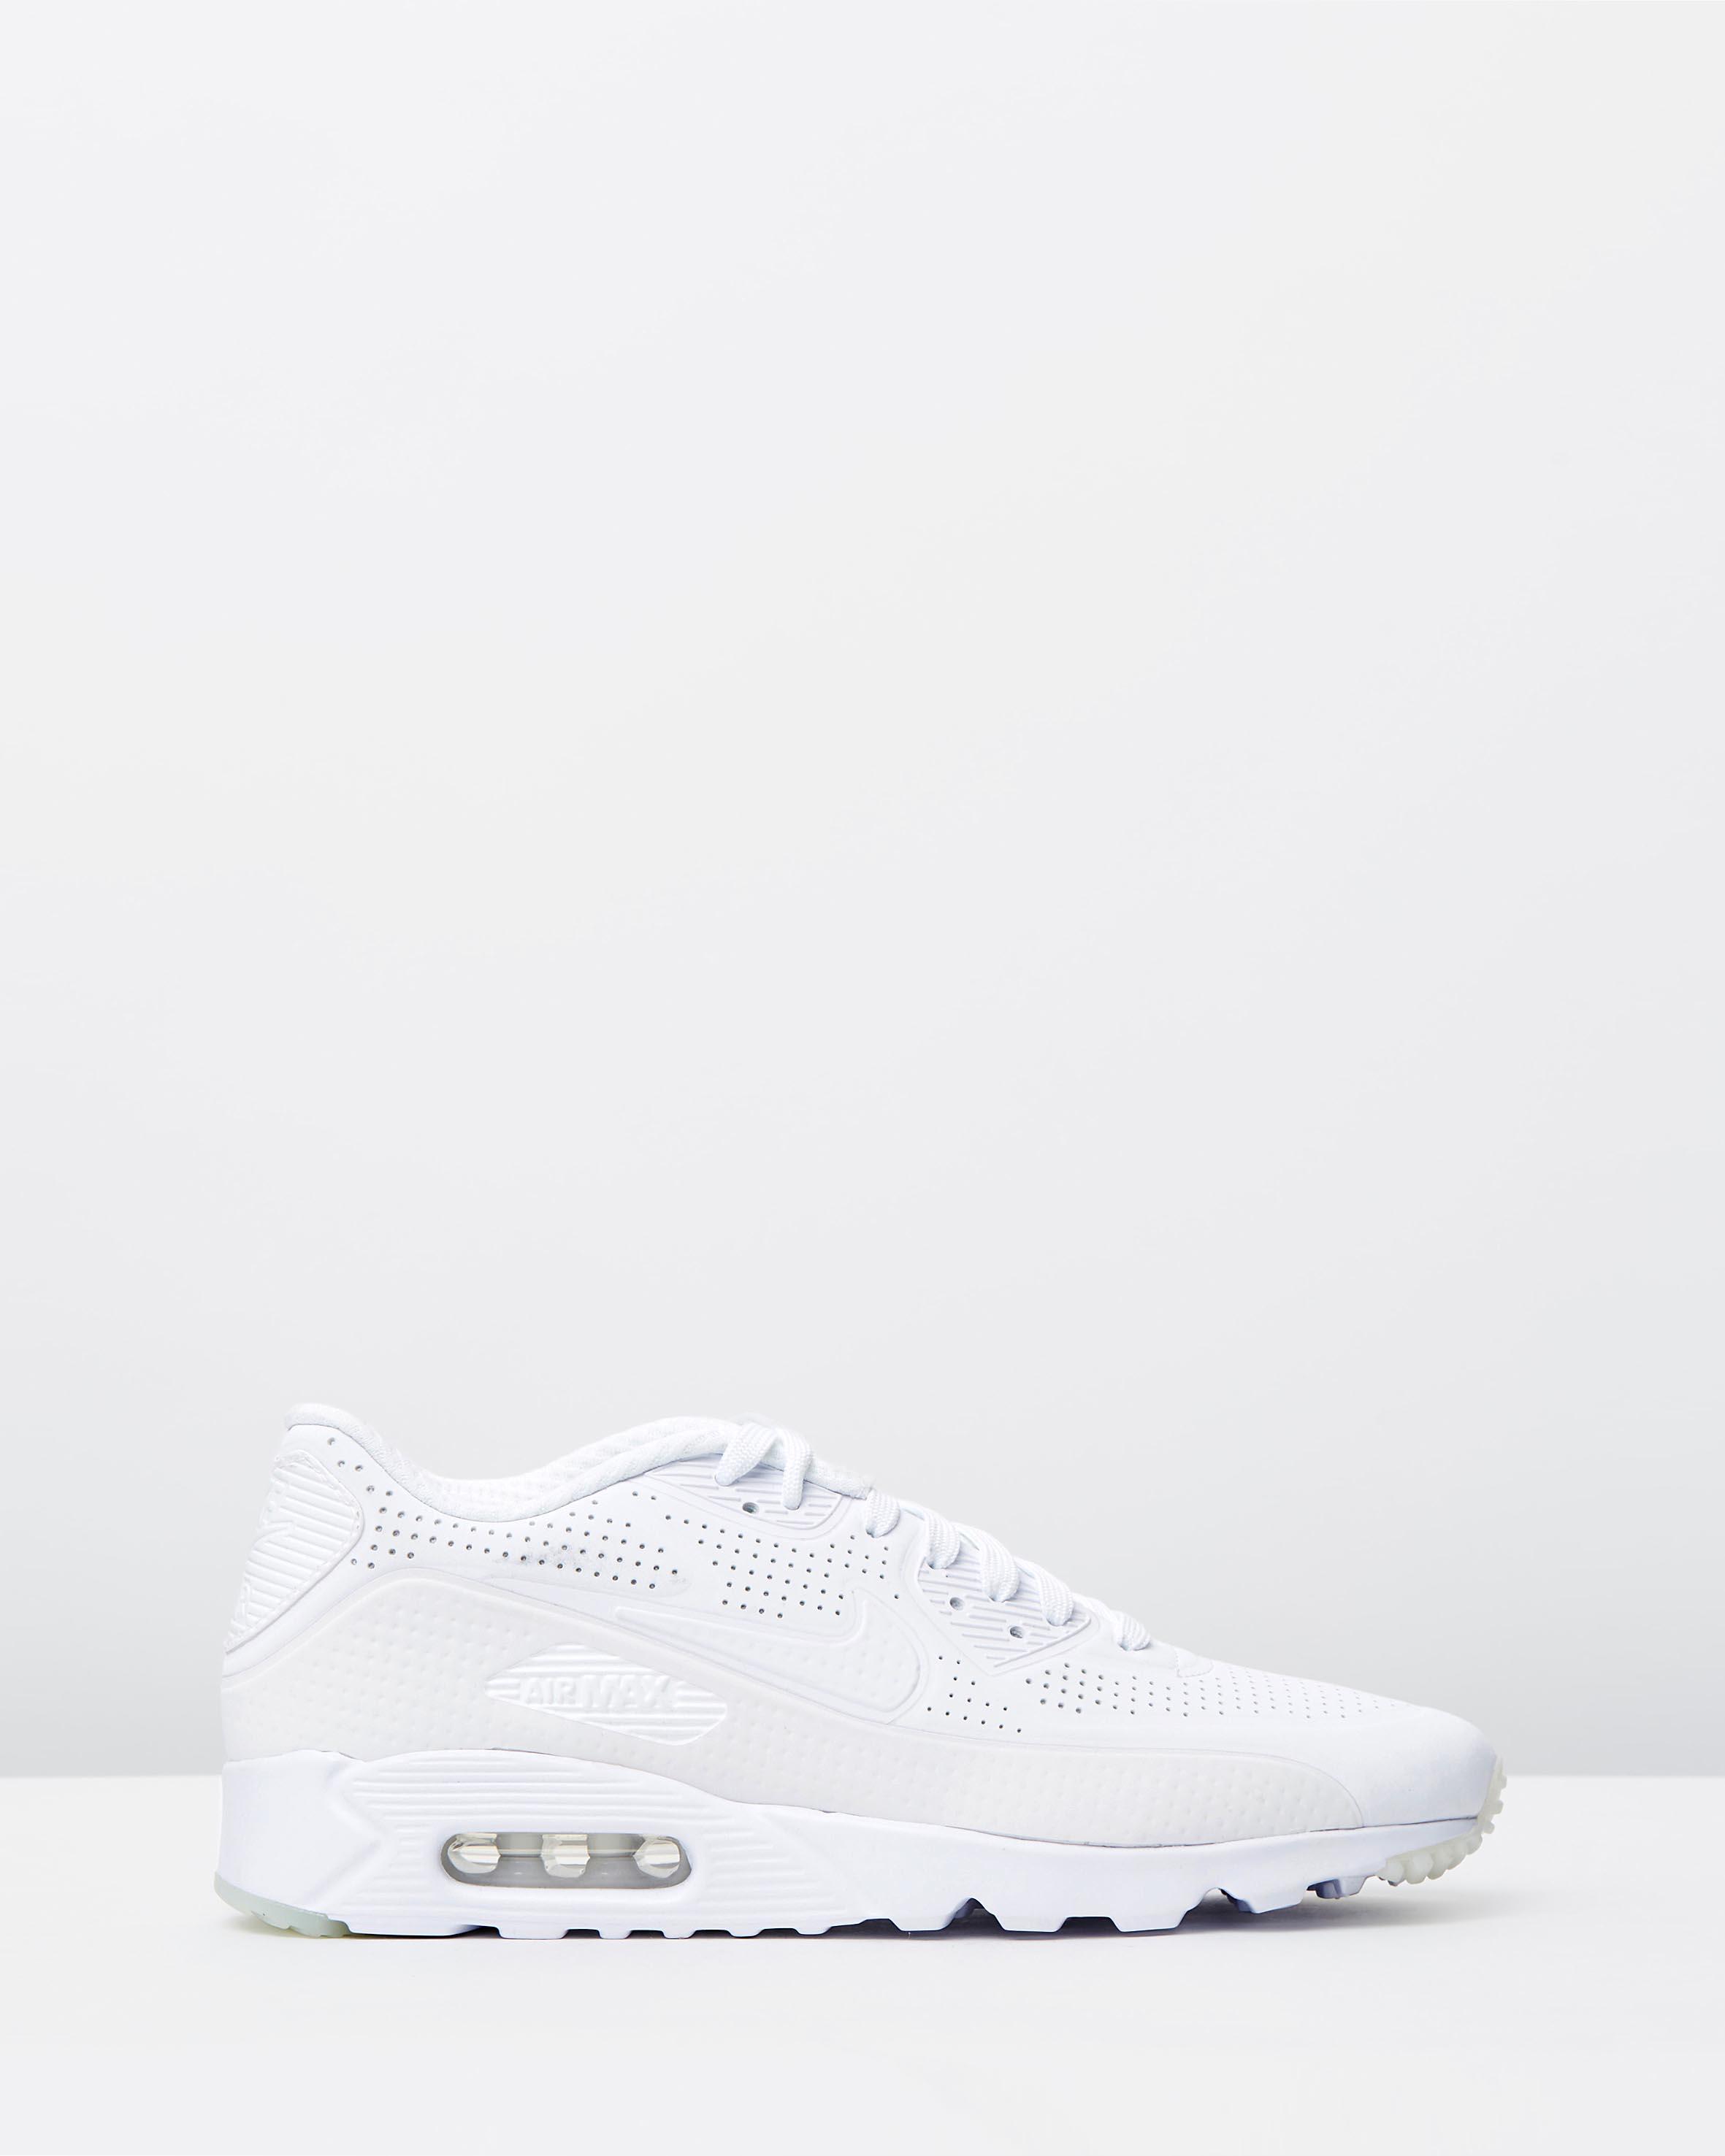 White Ultra 90 Moire Nike Air Max 3TFcu5Kl1J